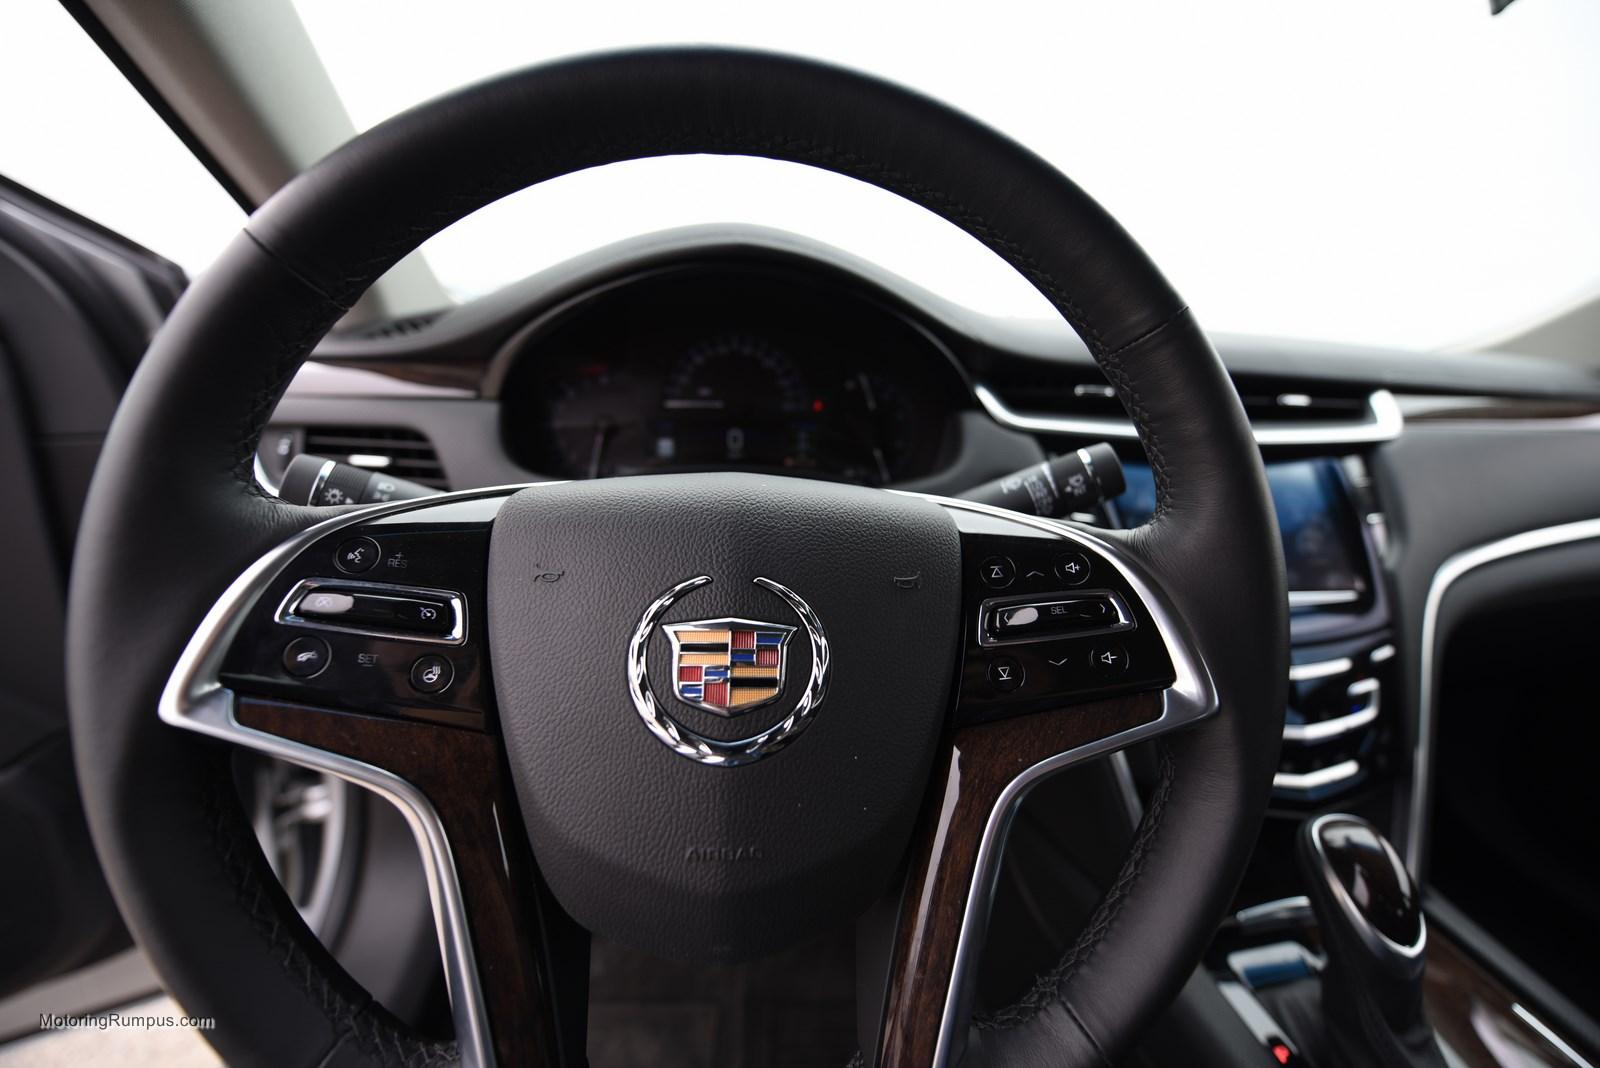 2014 Cadillac XTS Steering Wheel